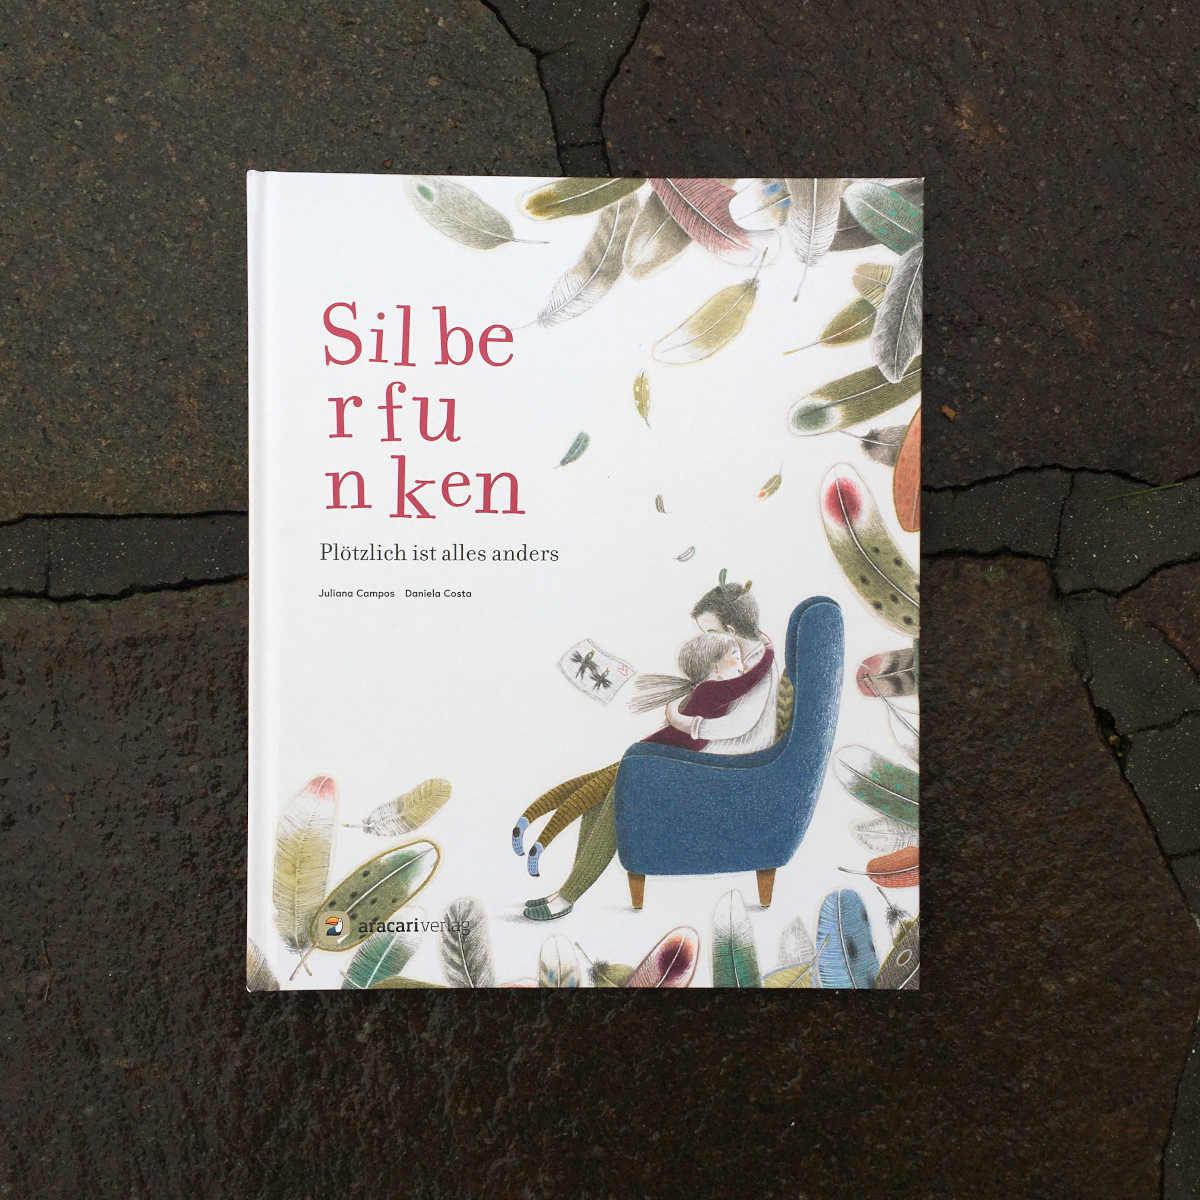 Silberfunken, ein Bilderbuch für schwierige Zeiten